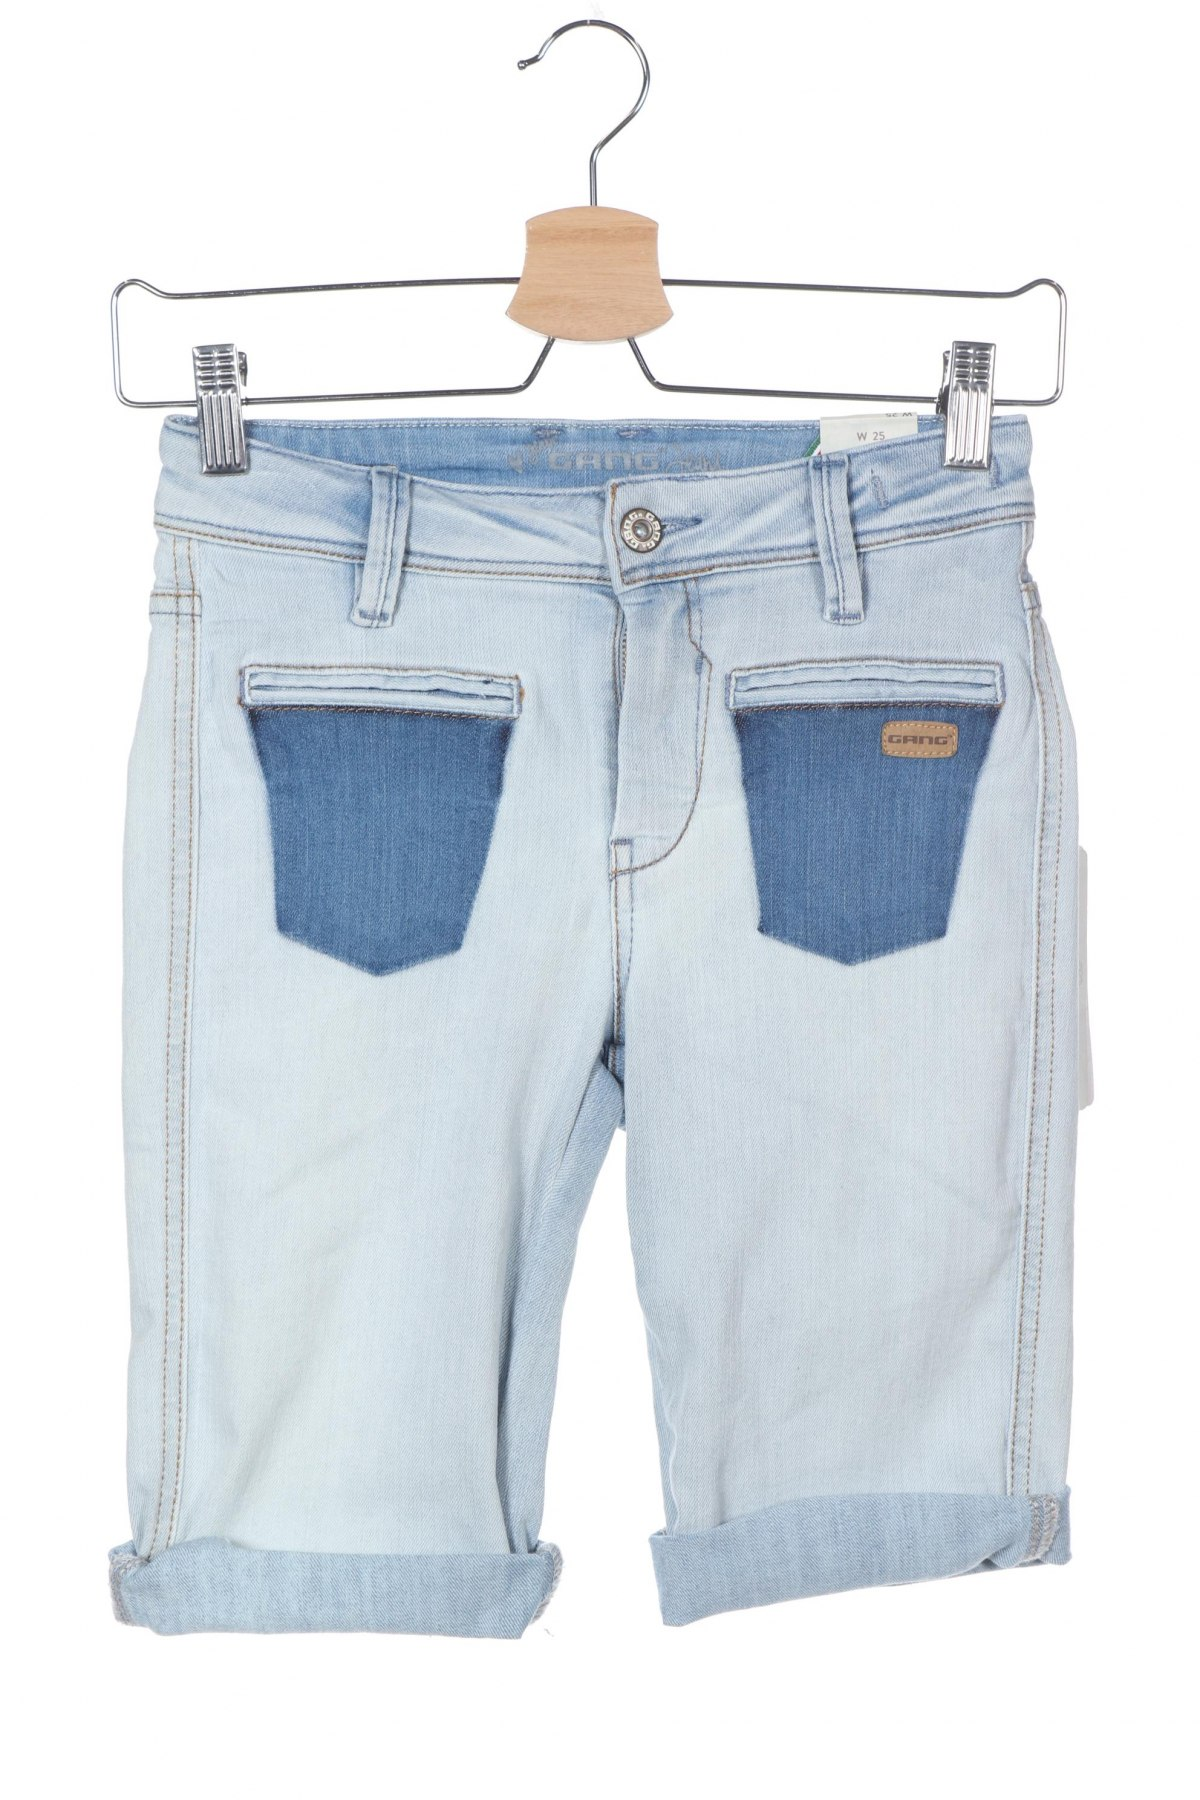 Γυναικείο κοντό παντελόνι Gang, Μέγεθος XS, Χρώμα Μπλέ, 71% βαμβάκι, 27% πολυεστέρας, 2% ελαστάνη, Τιμή 28,90€